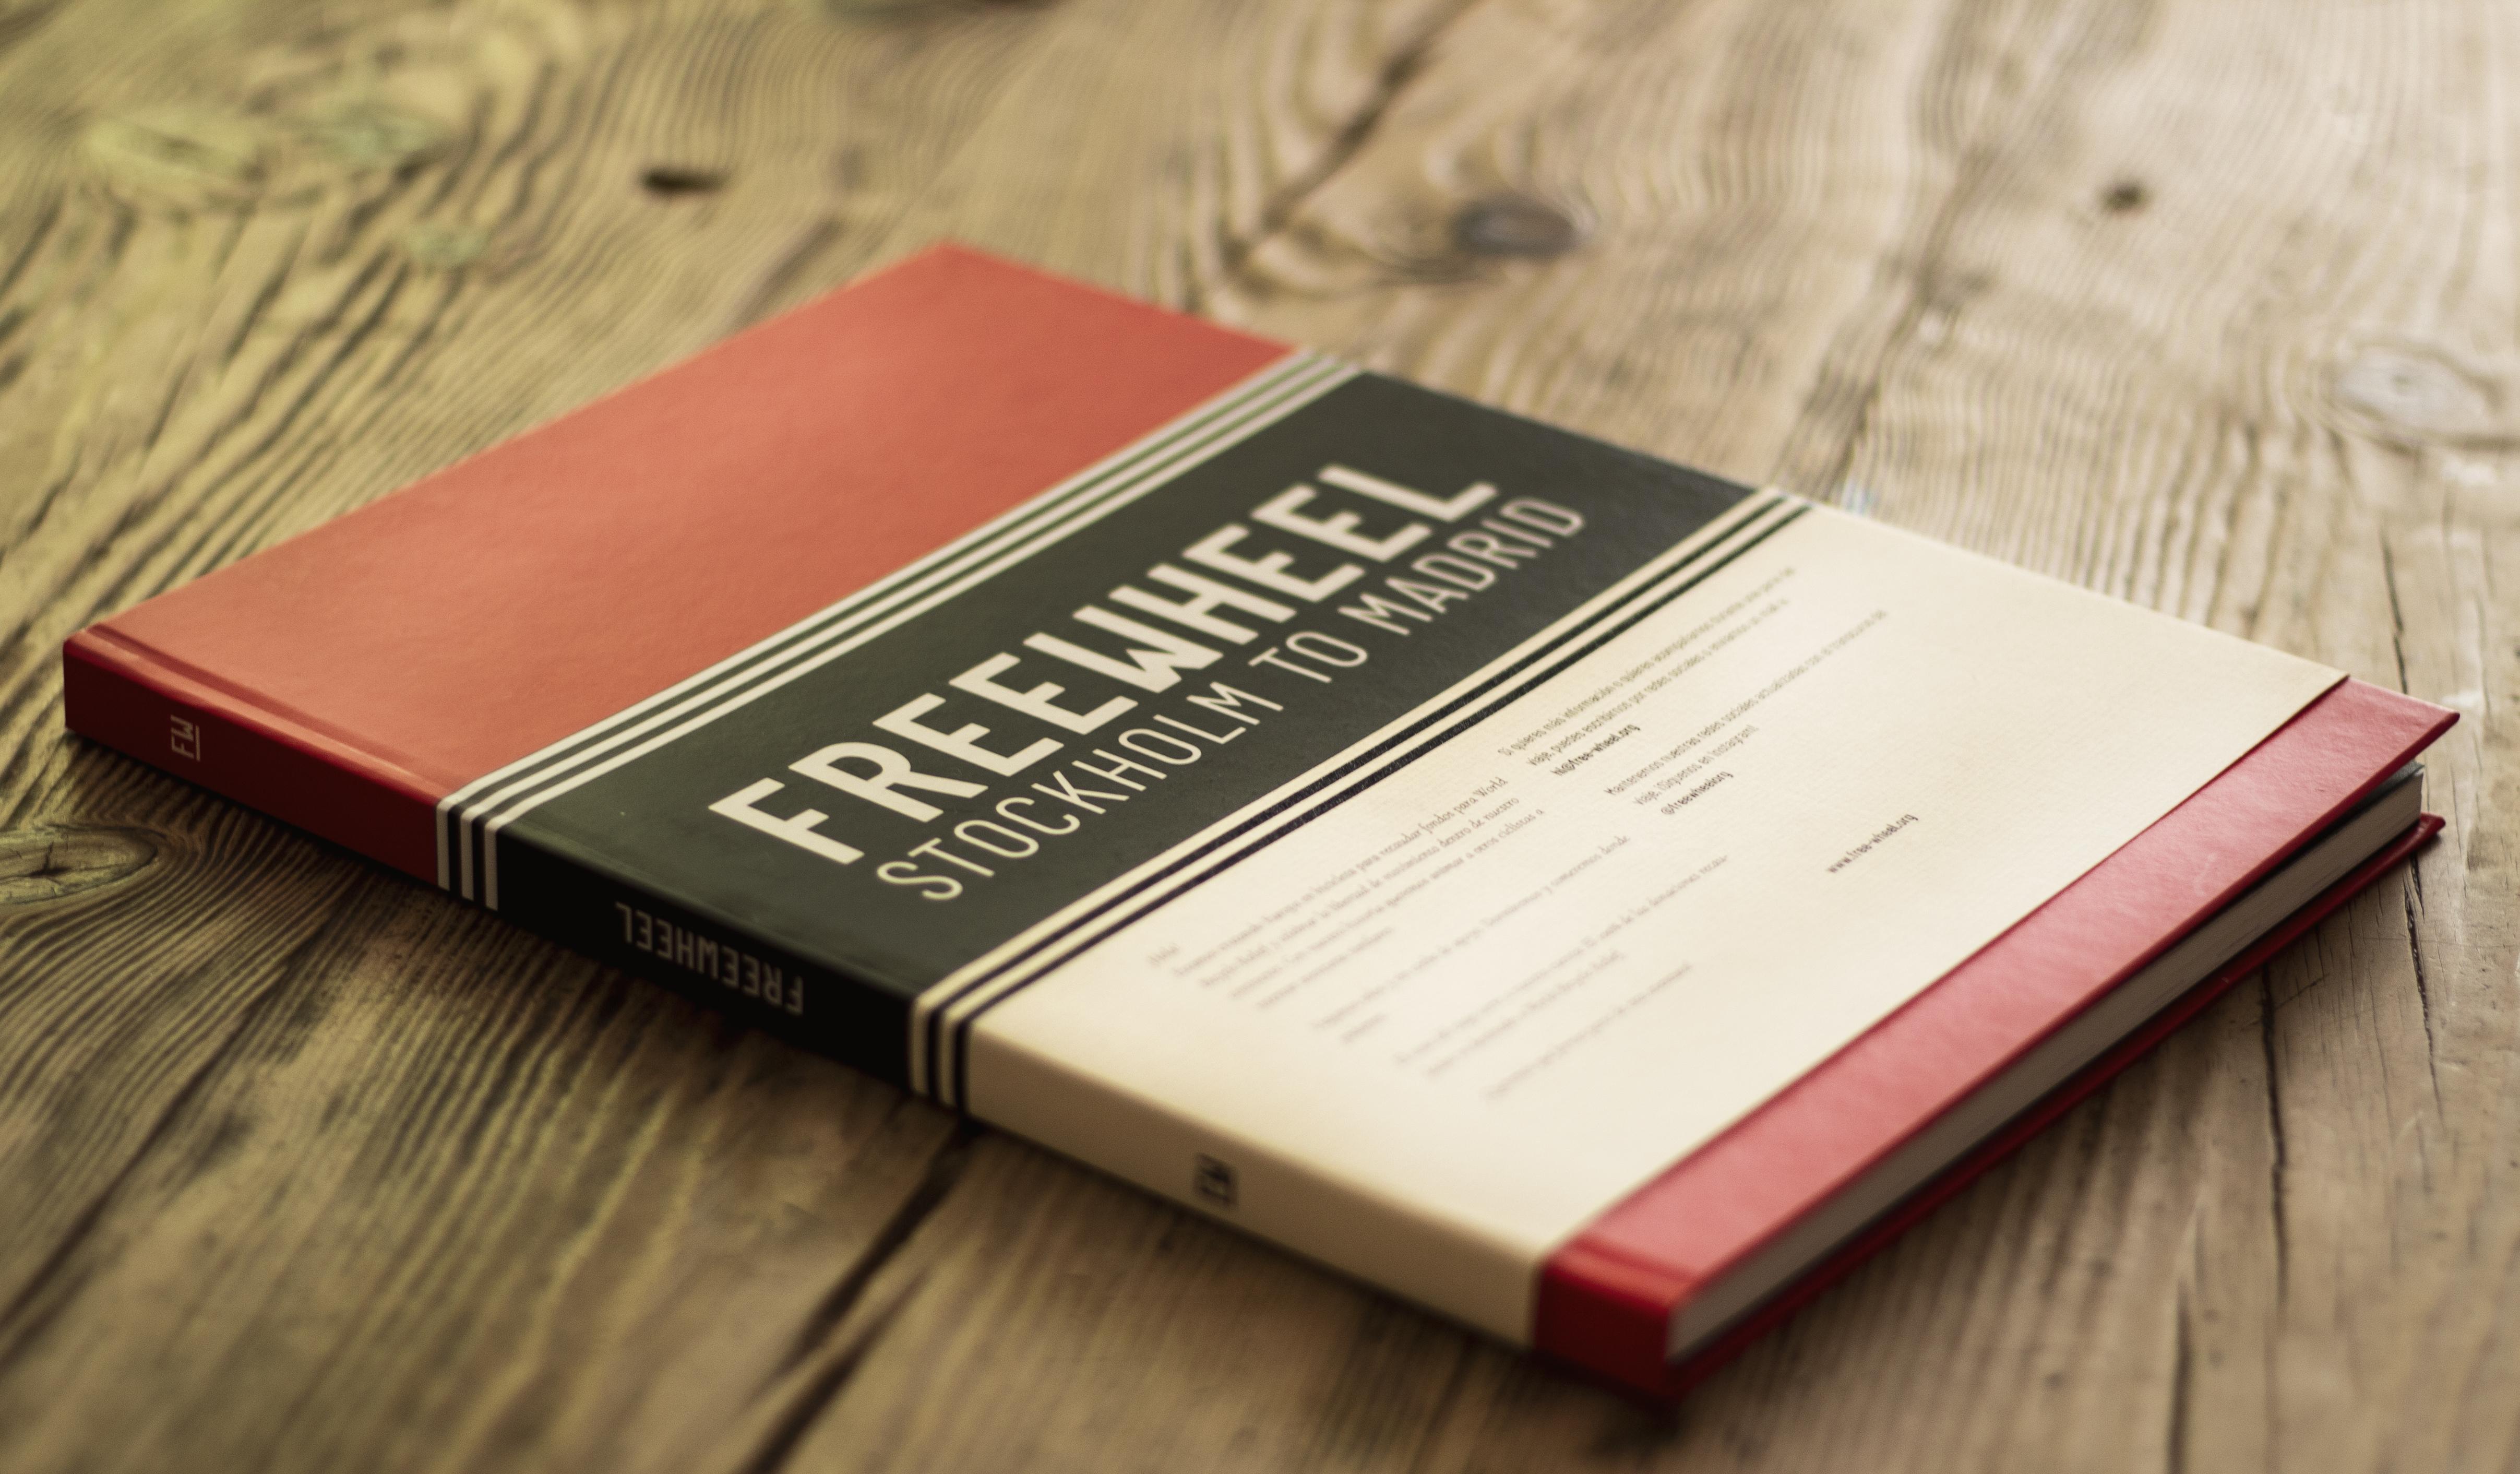 Freewheel's dossier